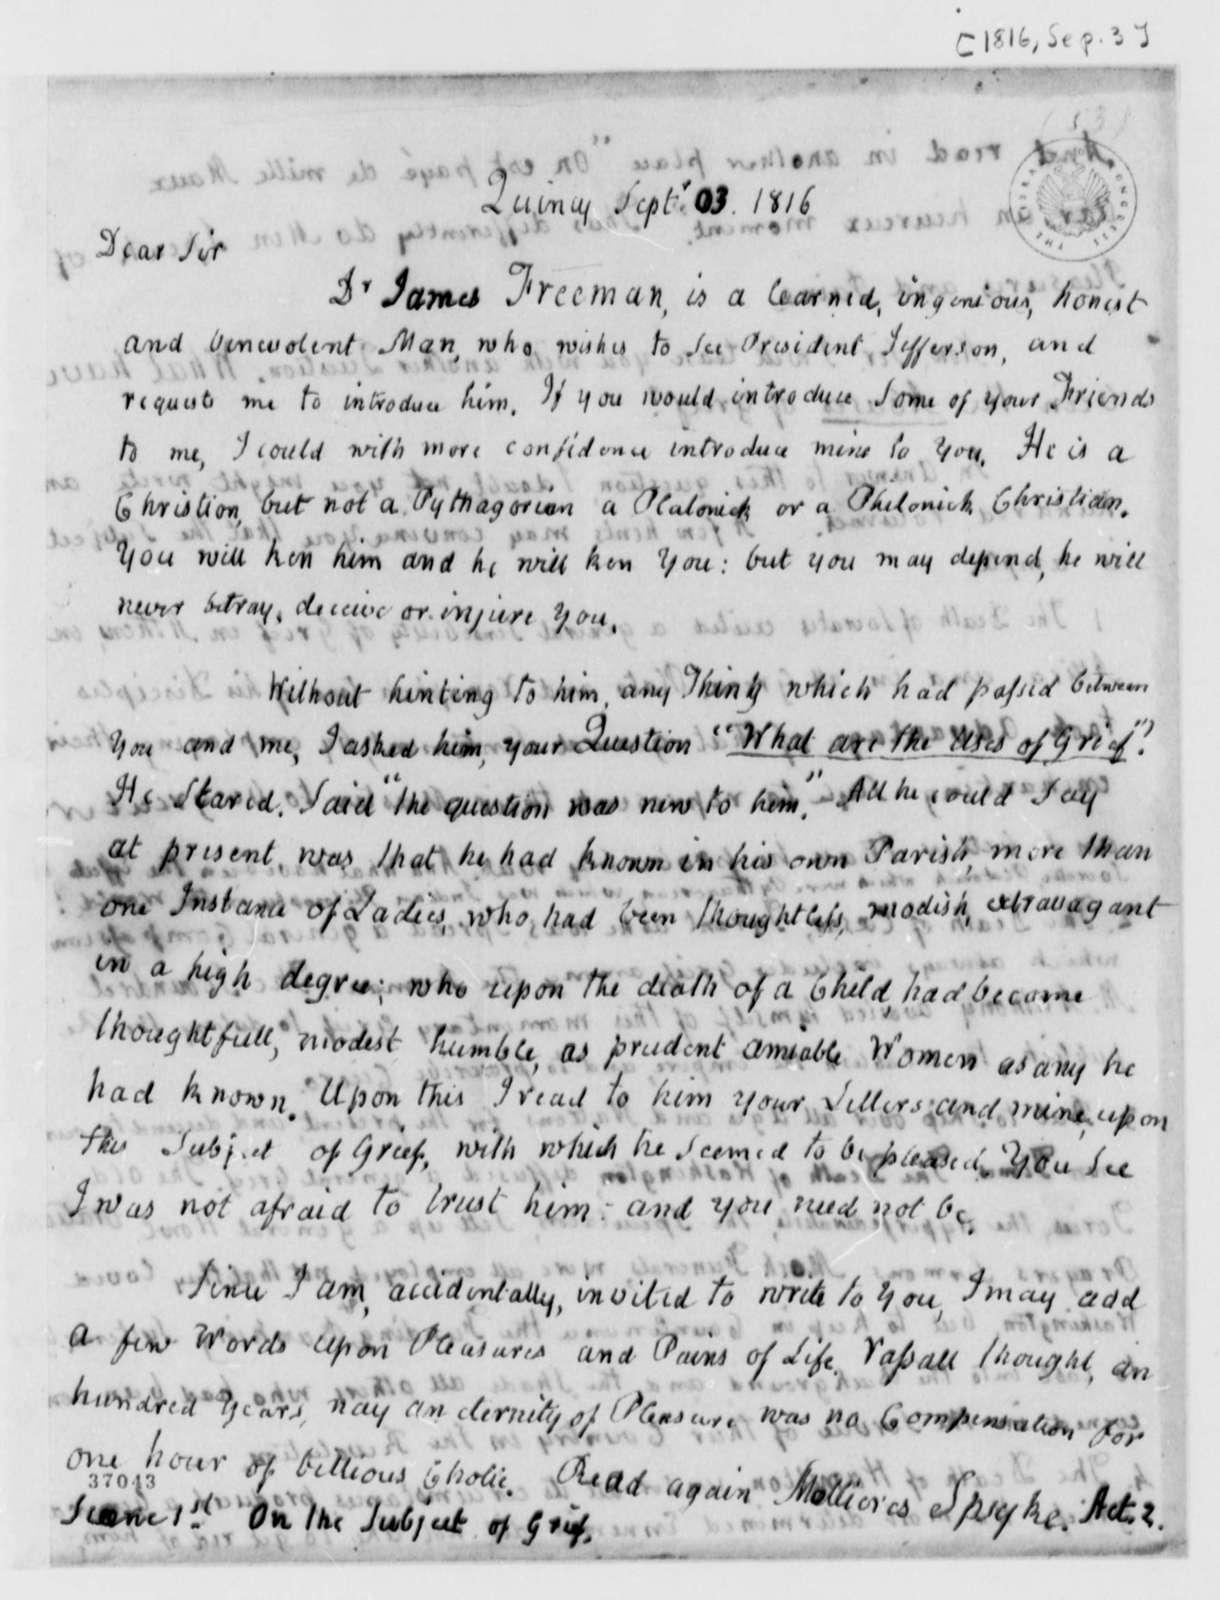 John Adams to Thomas Jefferson, September 3, 1816